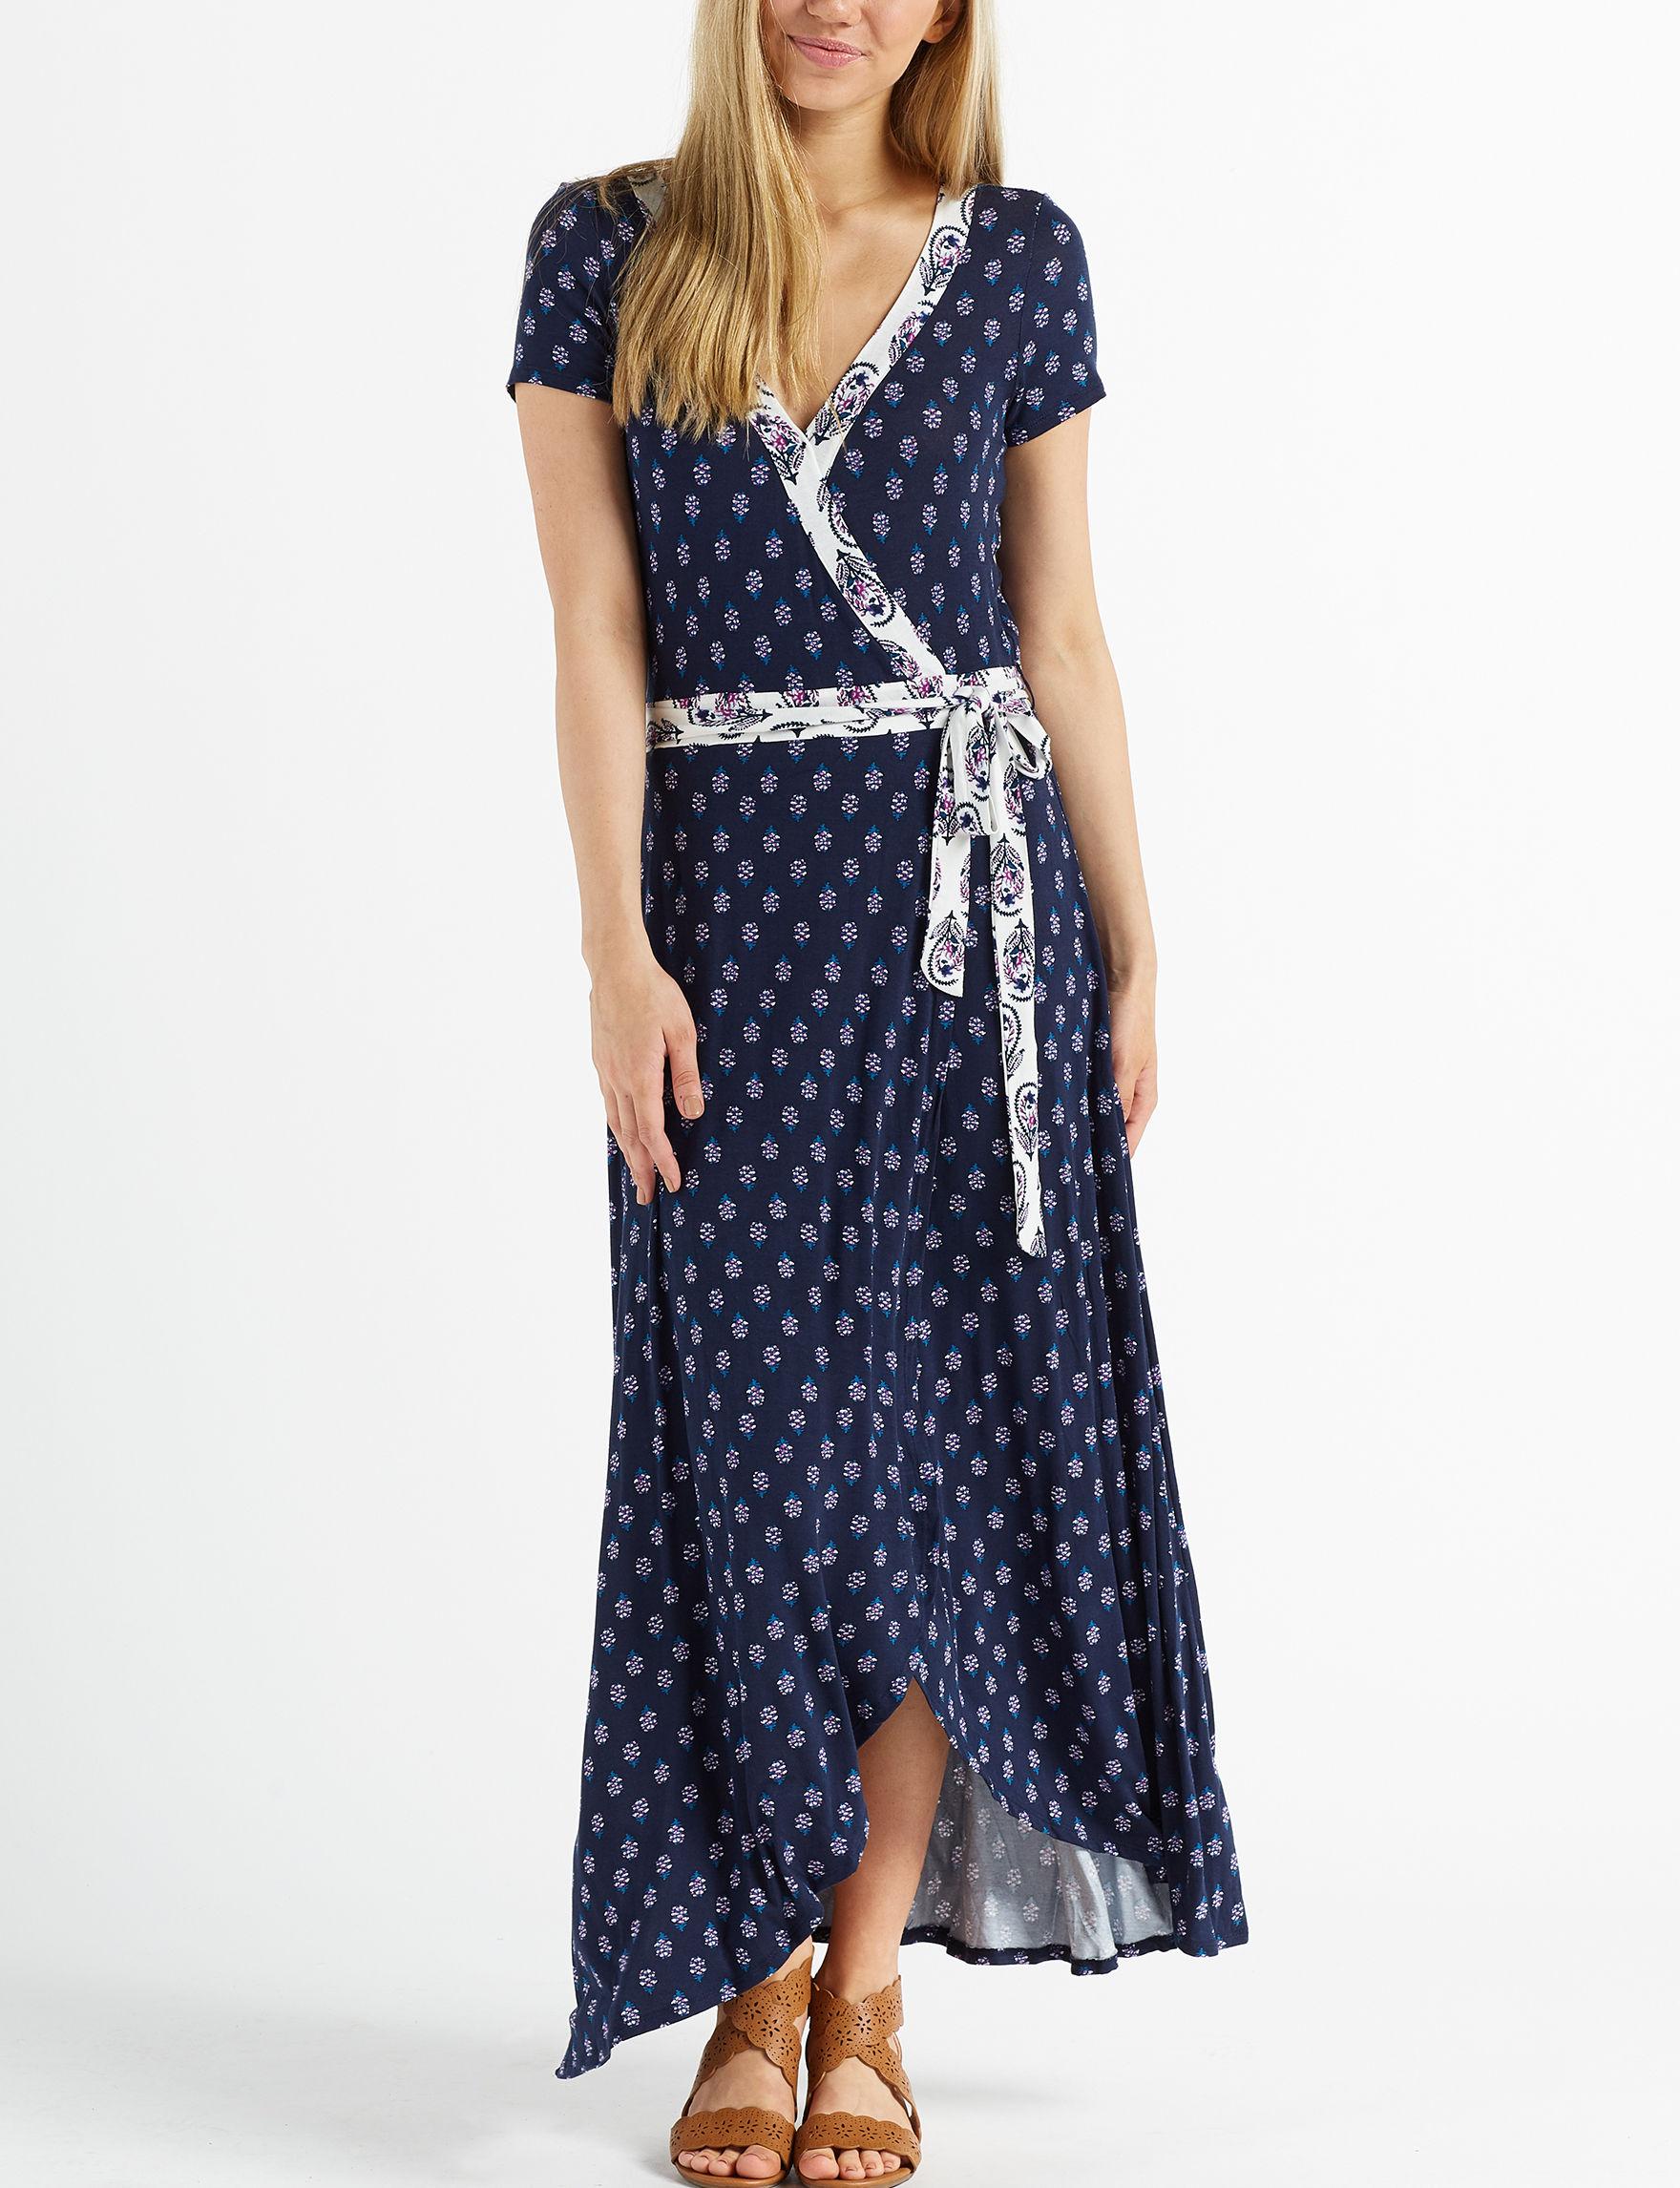 c8d43c6a5bb3 Heart Soul Juniors' Mixed Floral Faux Wrap Maxi Dress | Stage Stores